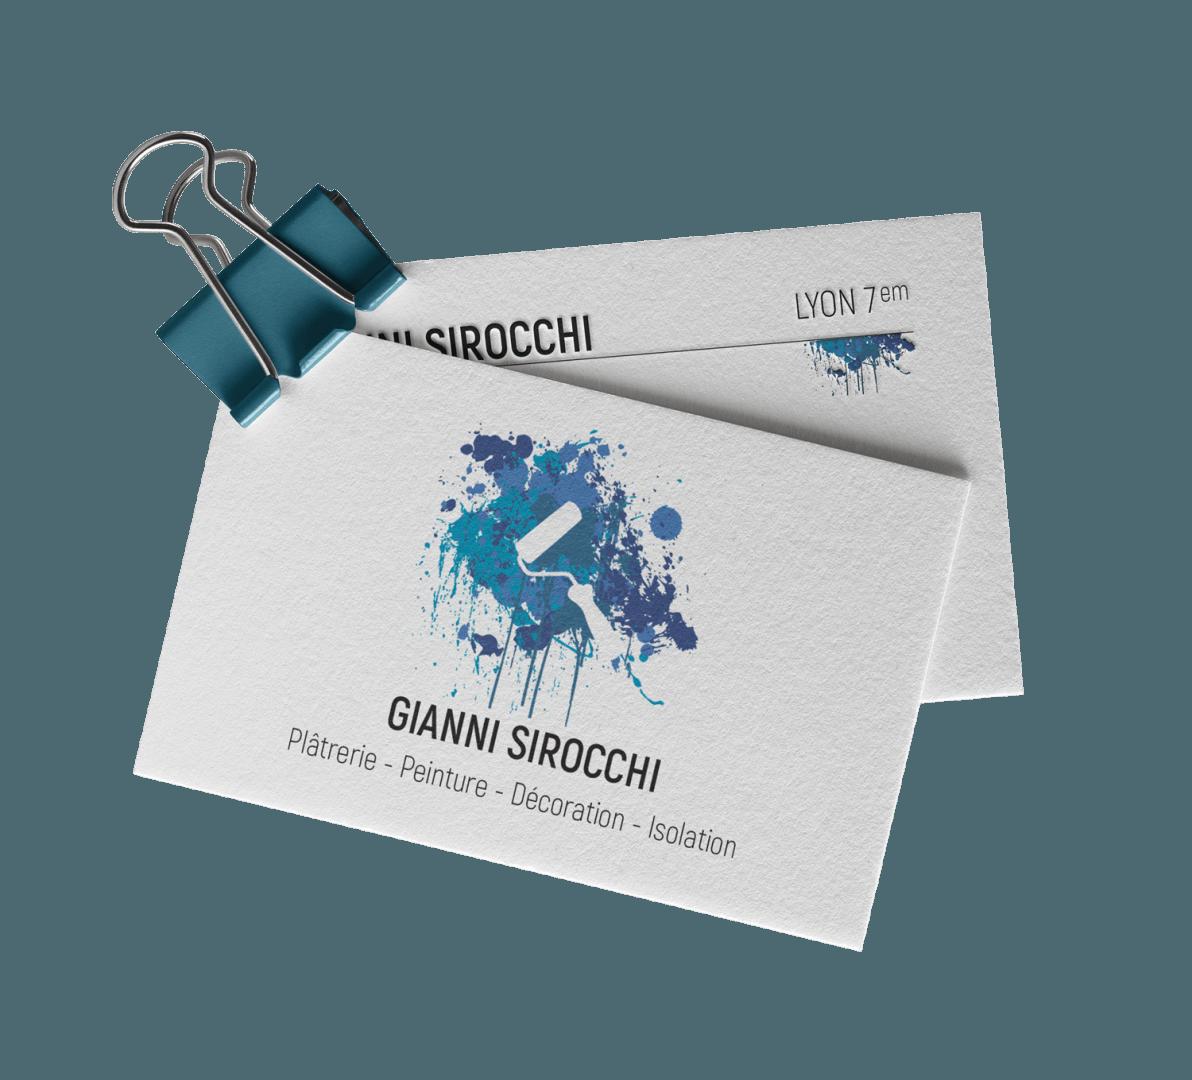 Carte de visite pour Gianni Sirocchi - Entrepreneur Artisan, Plâtrier Peintre